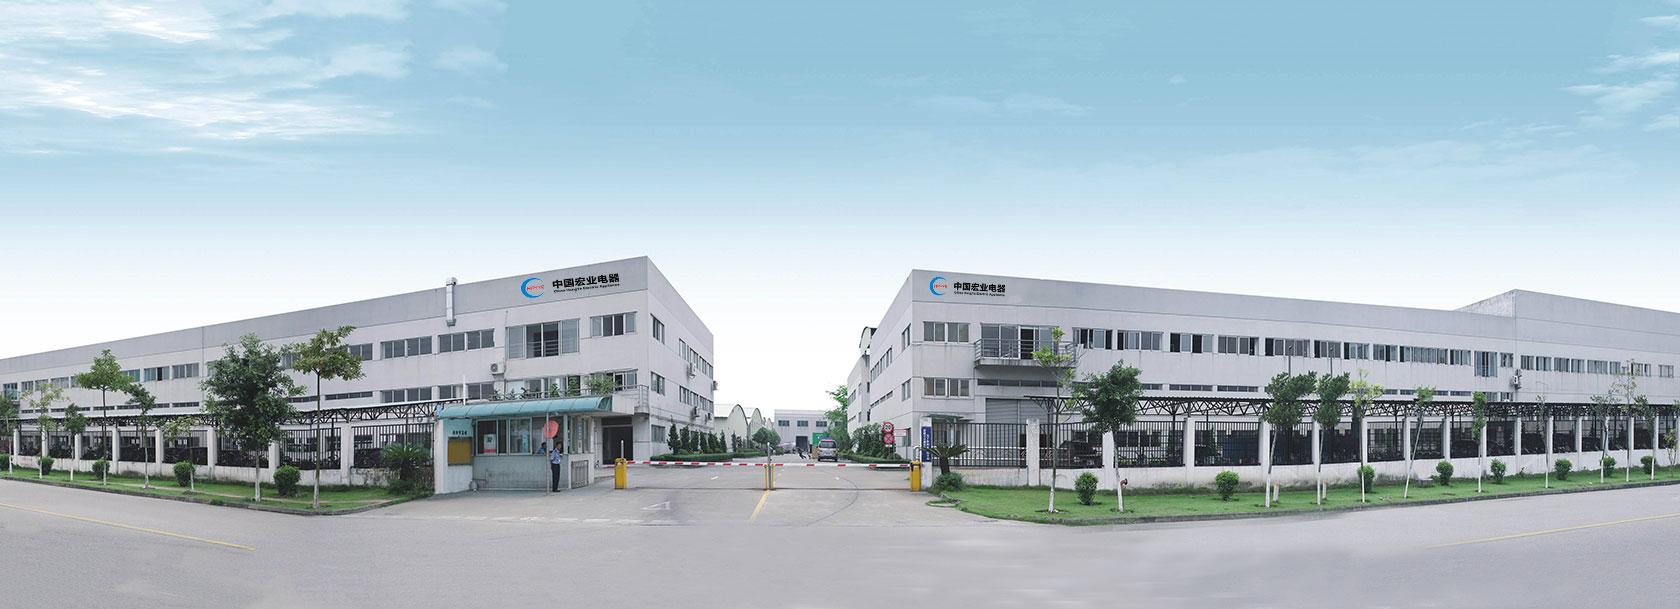 中国宏业电器简介